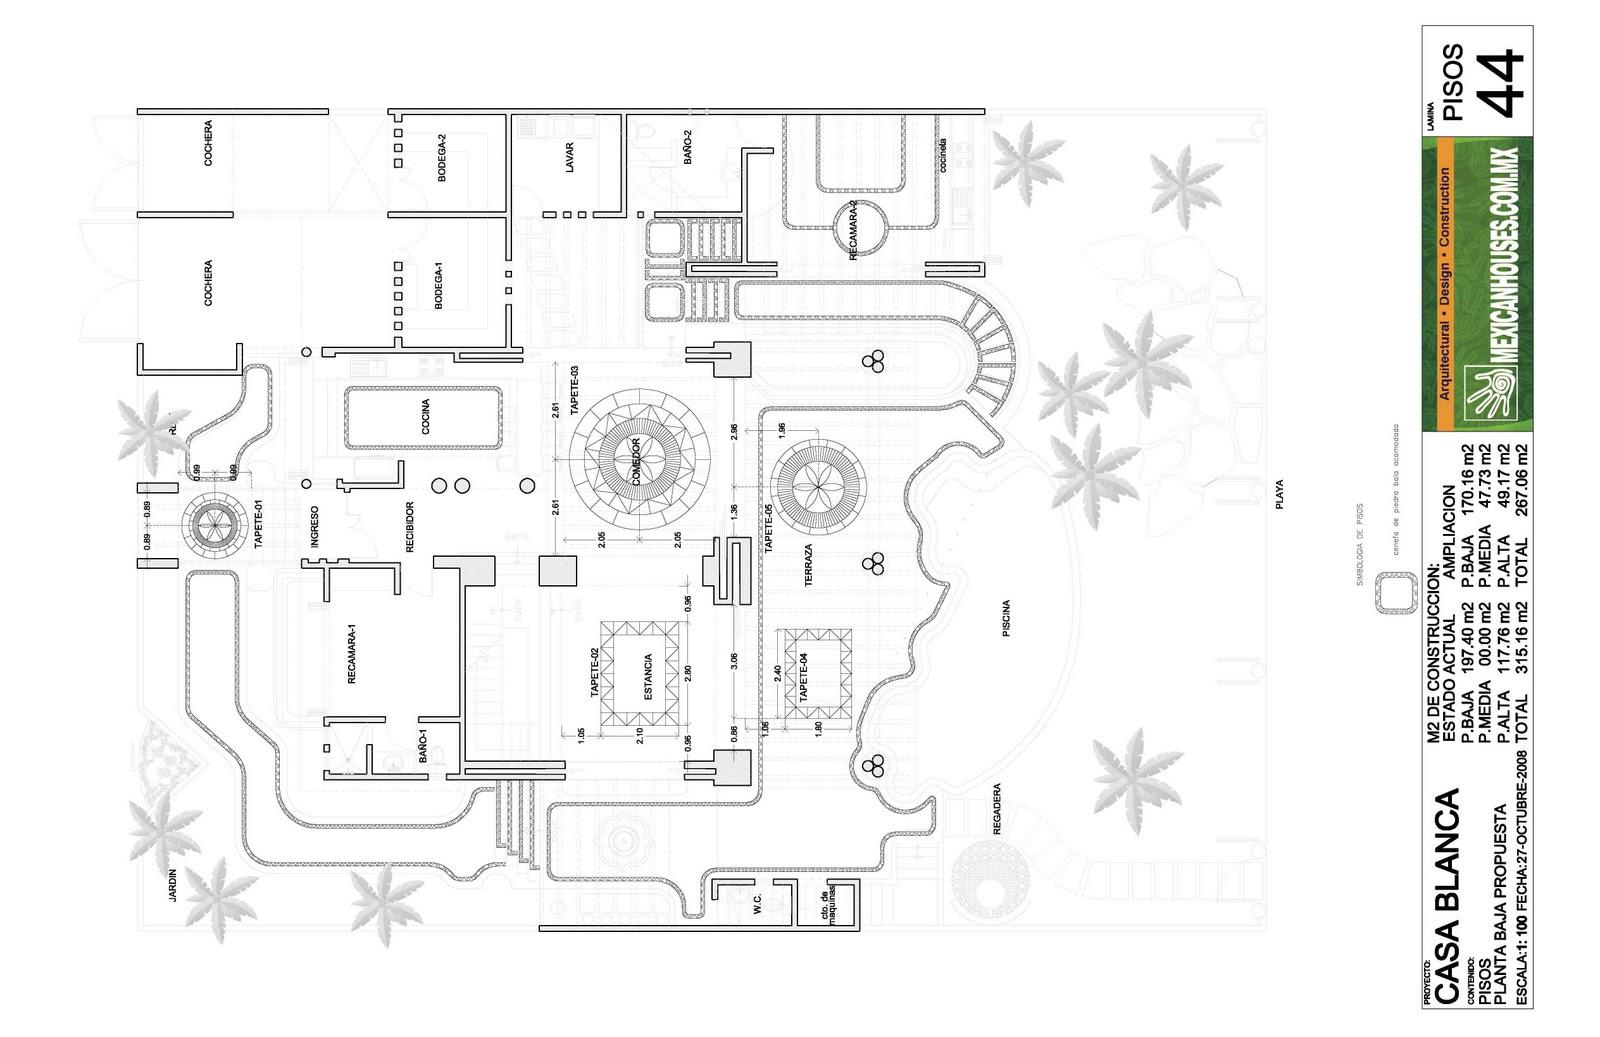 4a fase el proyecto arquitect nico constructivo for Programa arquitectonico de un restaurante pdf